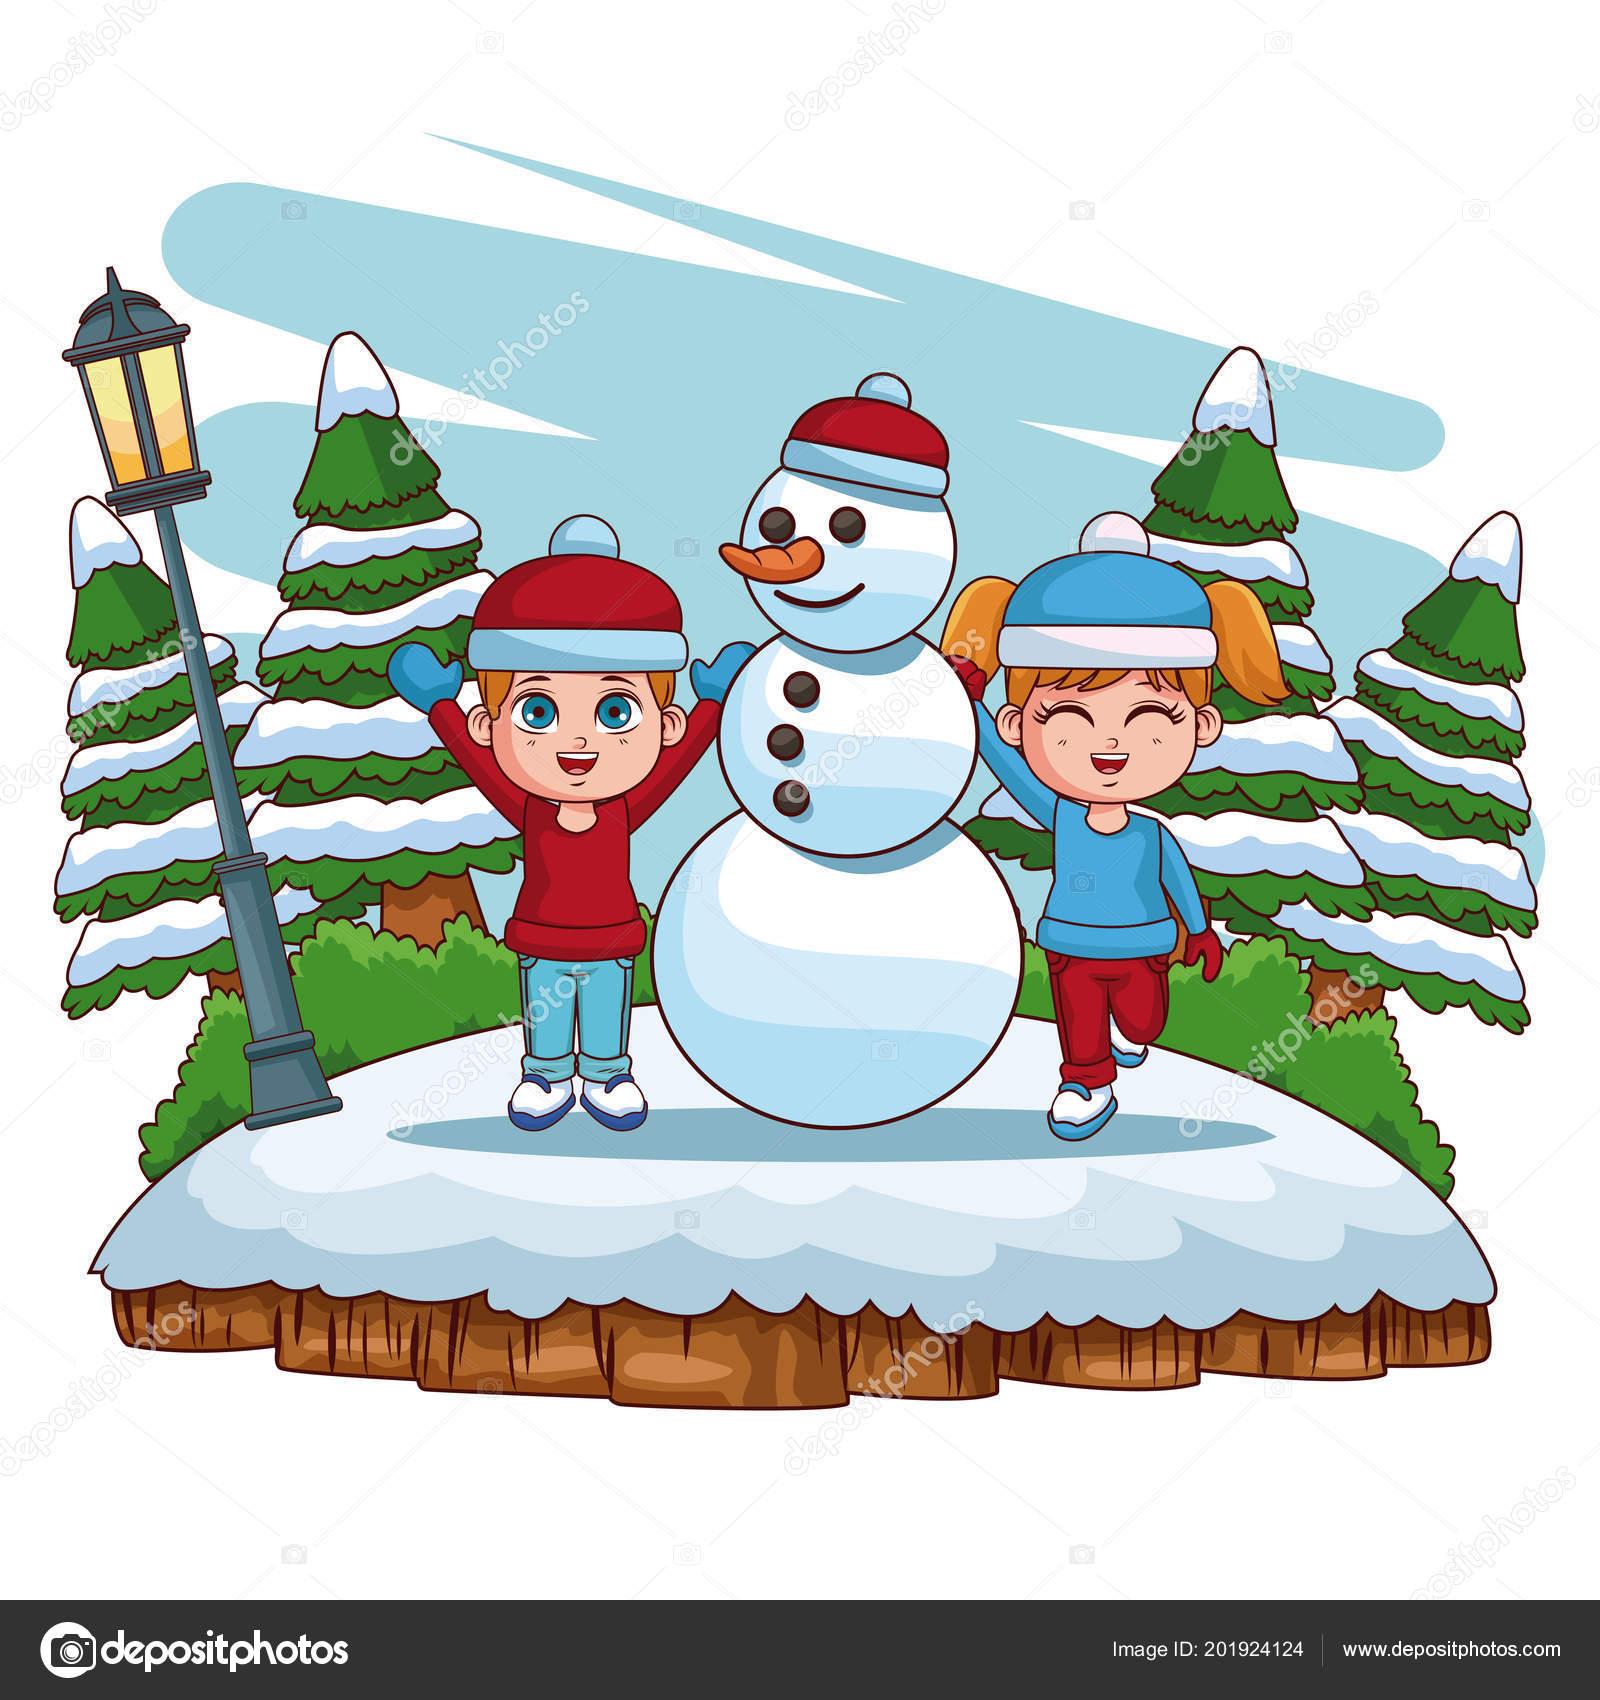 Cute kids in winter cartoons — Stock Vector © jemastock #201924124